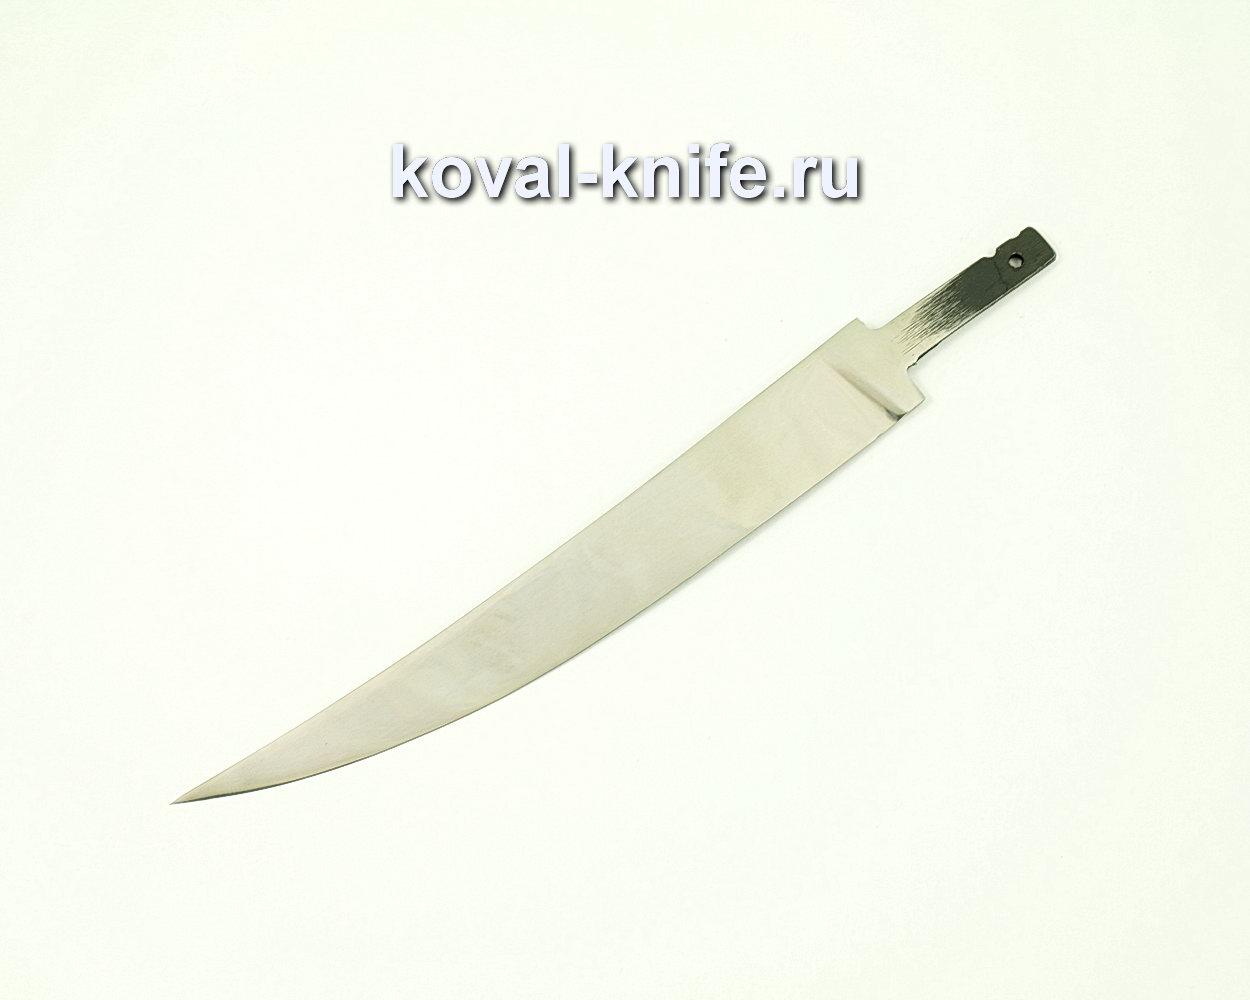 Клинок Филейного ножа (кованая сталь 95х18)